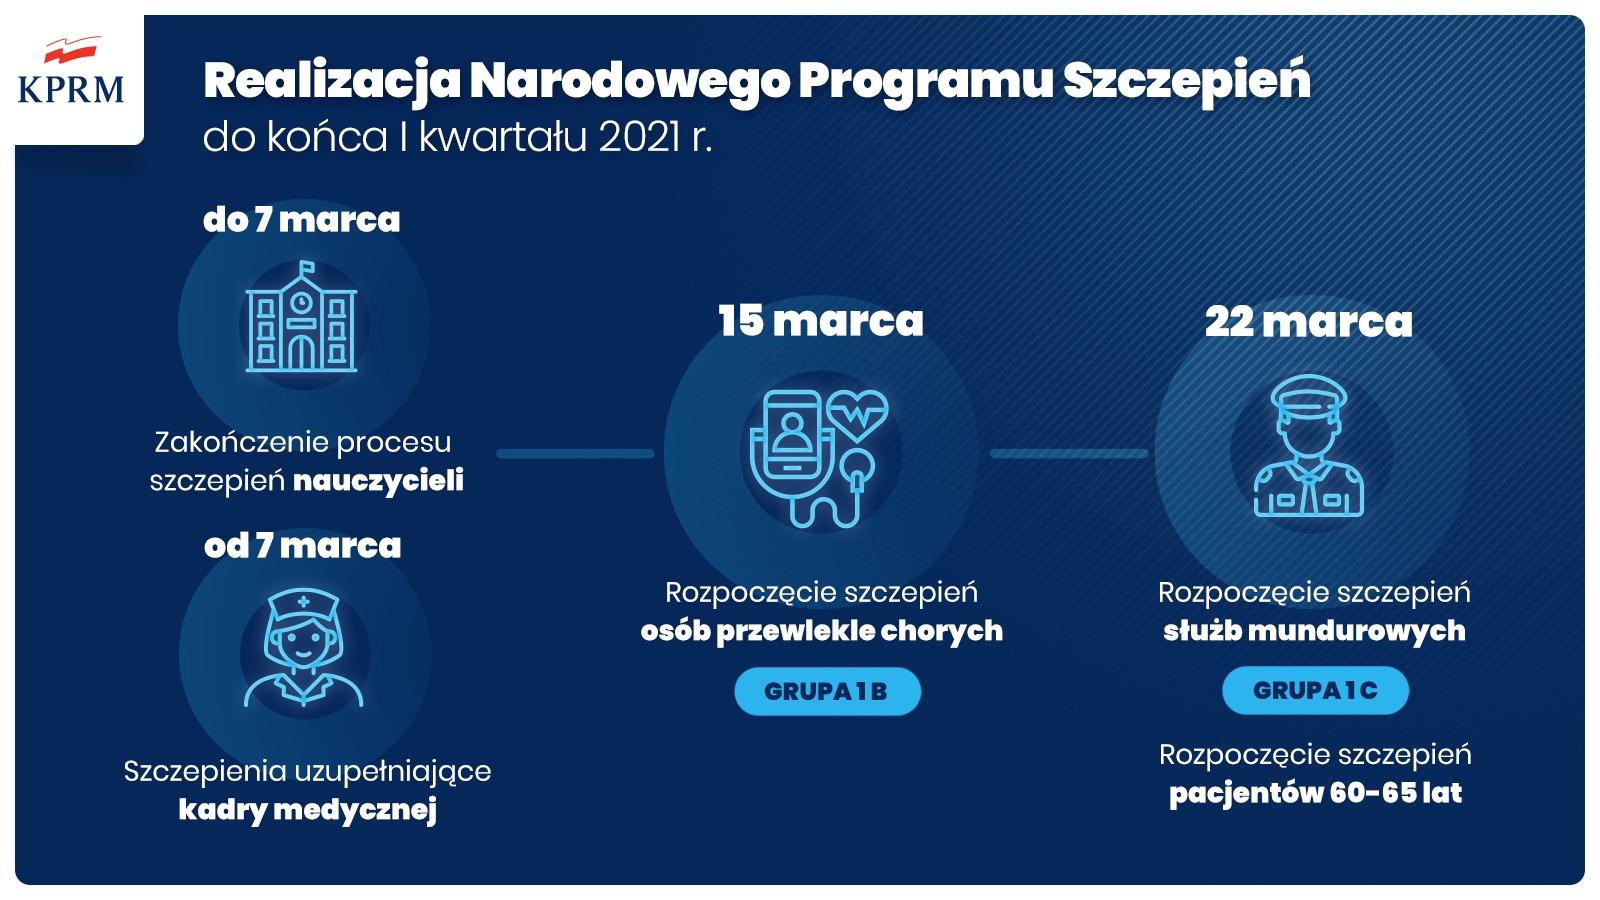 Narodowy Program Szczepień